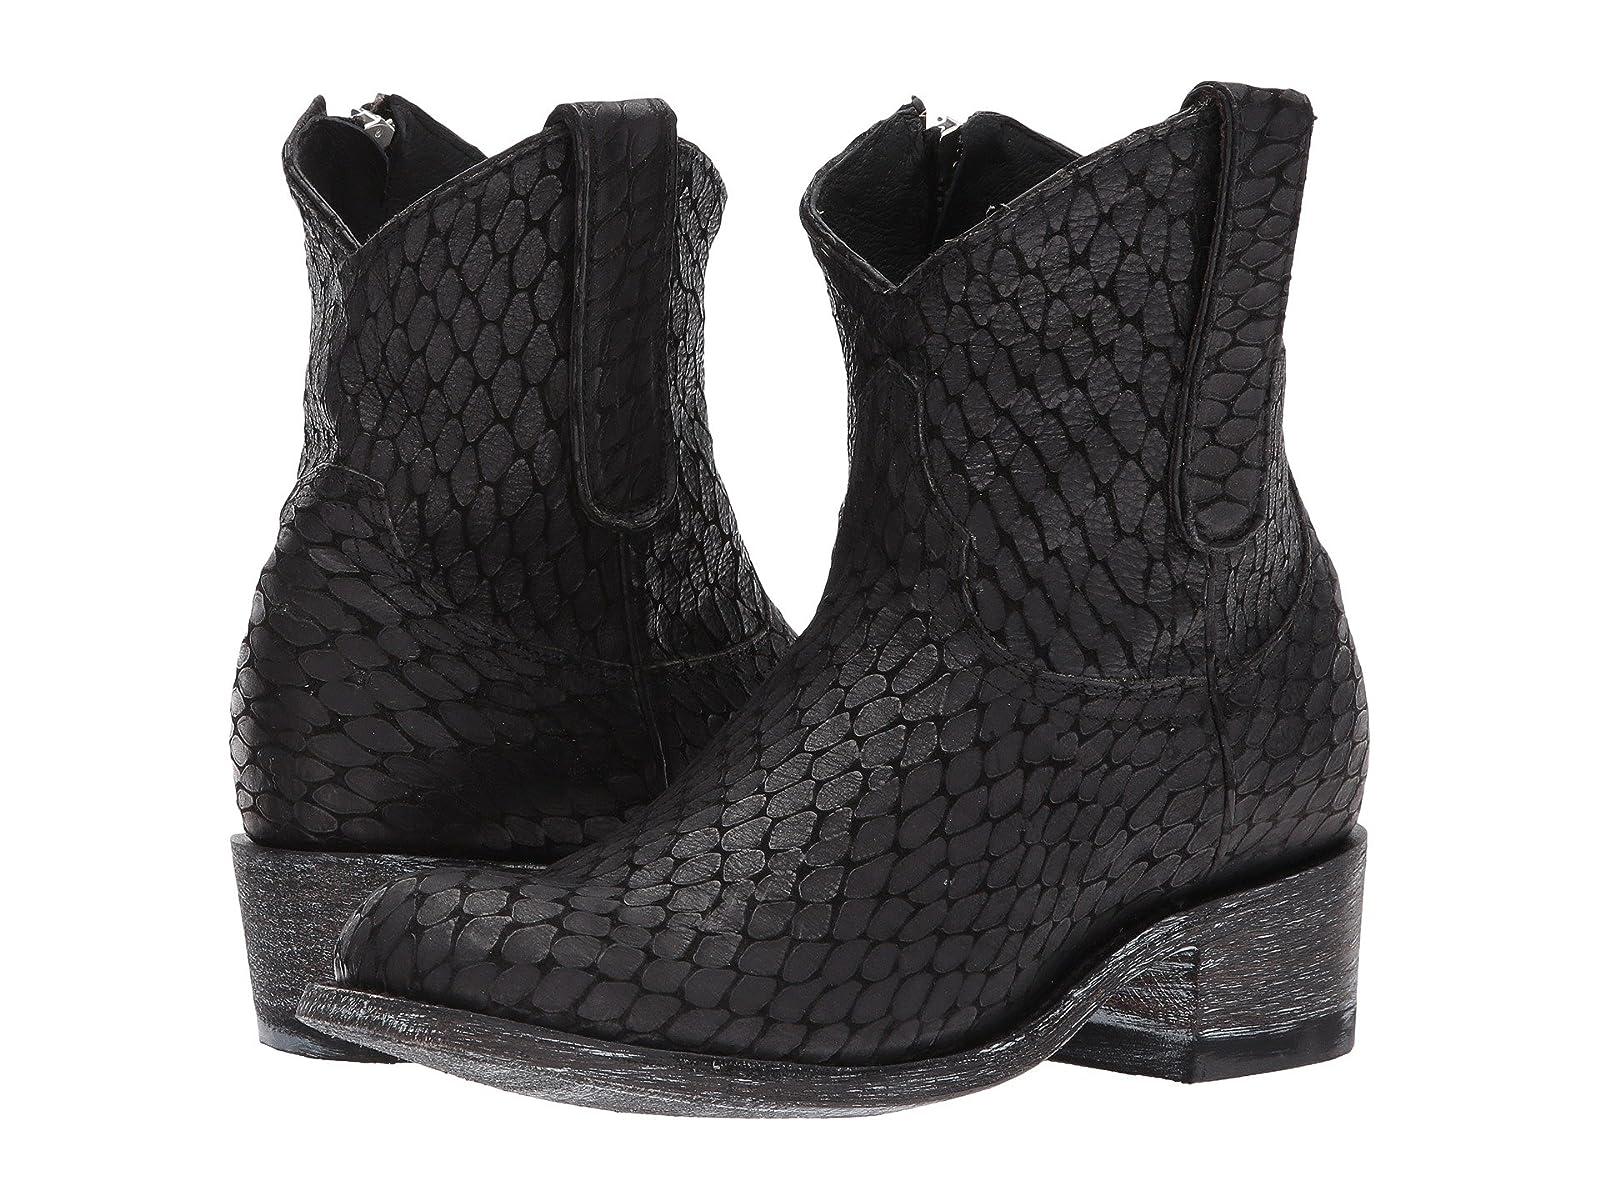 Cordani SanteCheap and distinctive eye-catching shoes